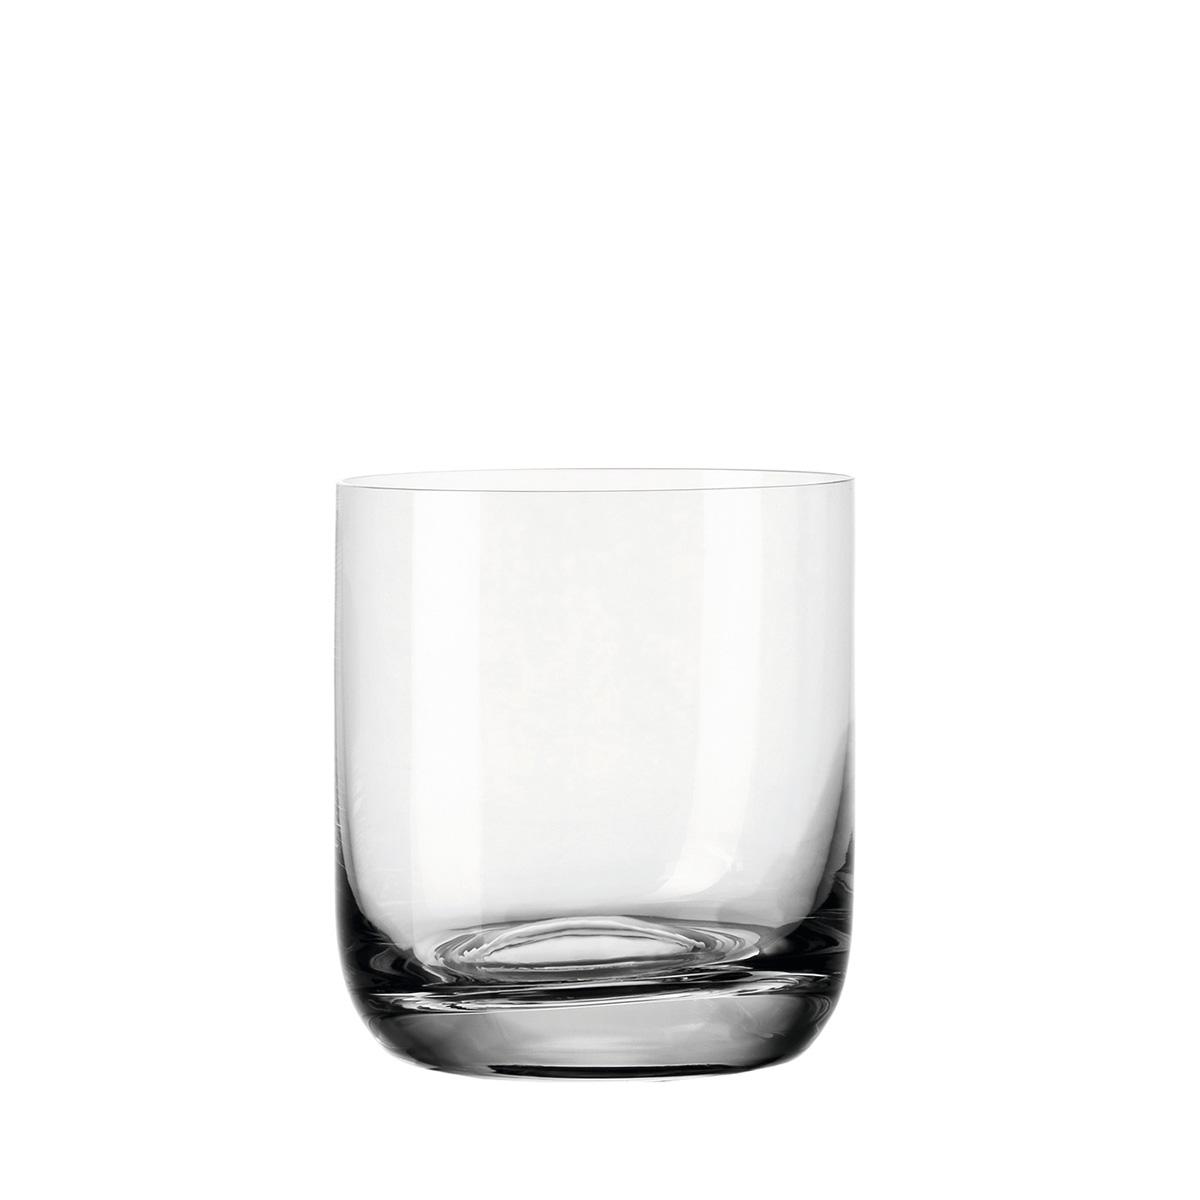 Čaša tumbler 63324